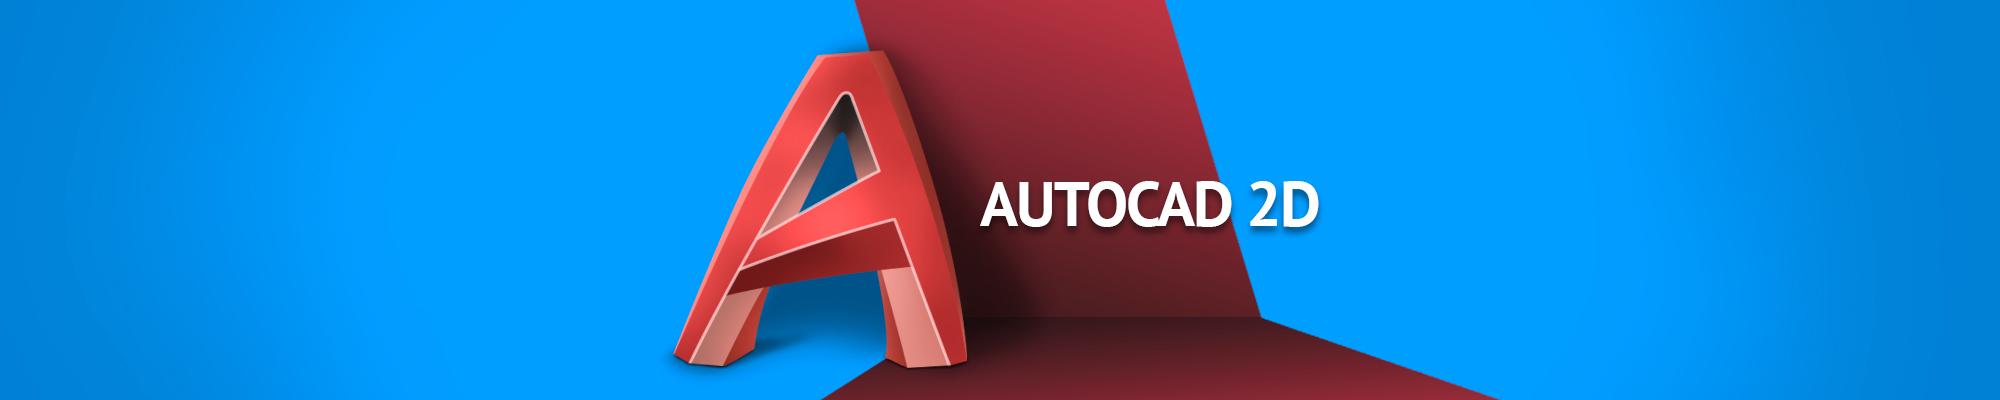 Autocad 2D | IPAD - Instituto Peruano de Arte y Diseño